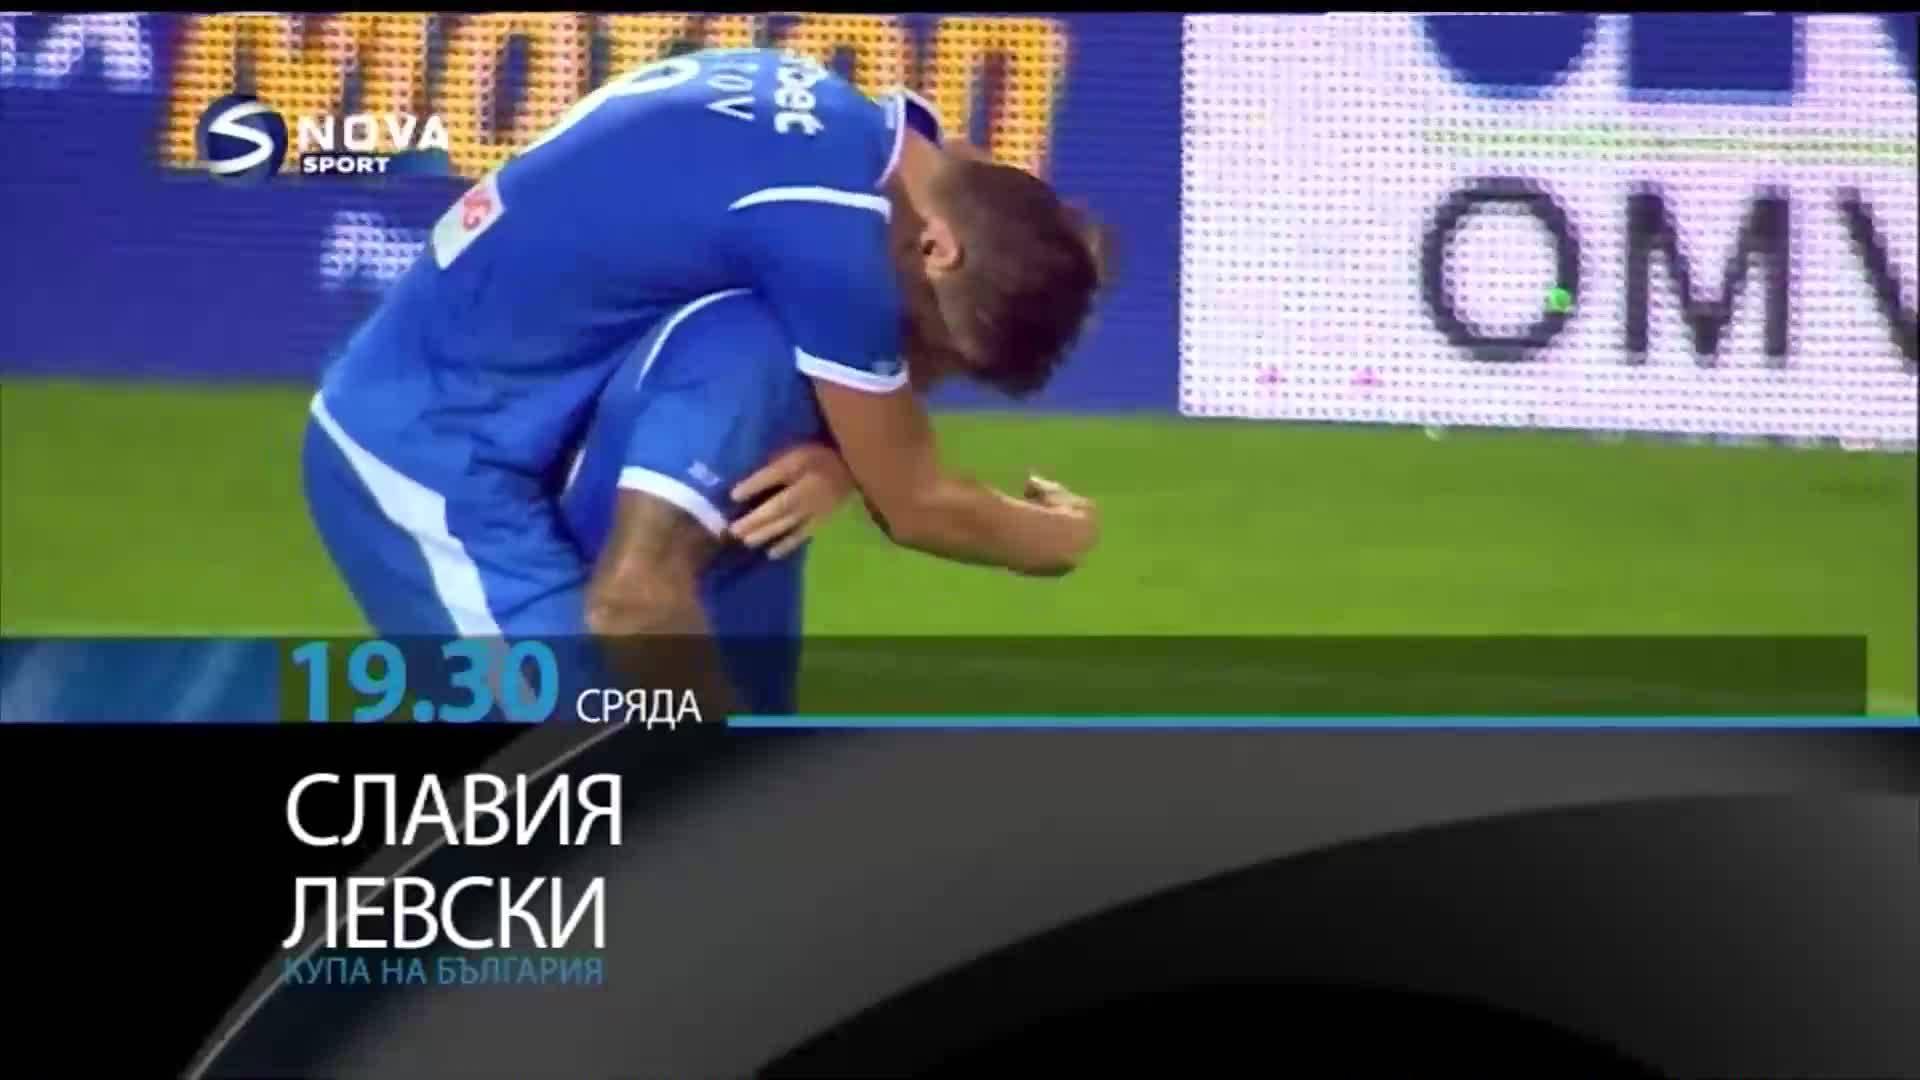 Големият финал: Славия-Левски за Купата на България